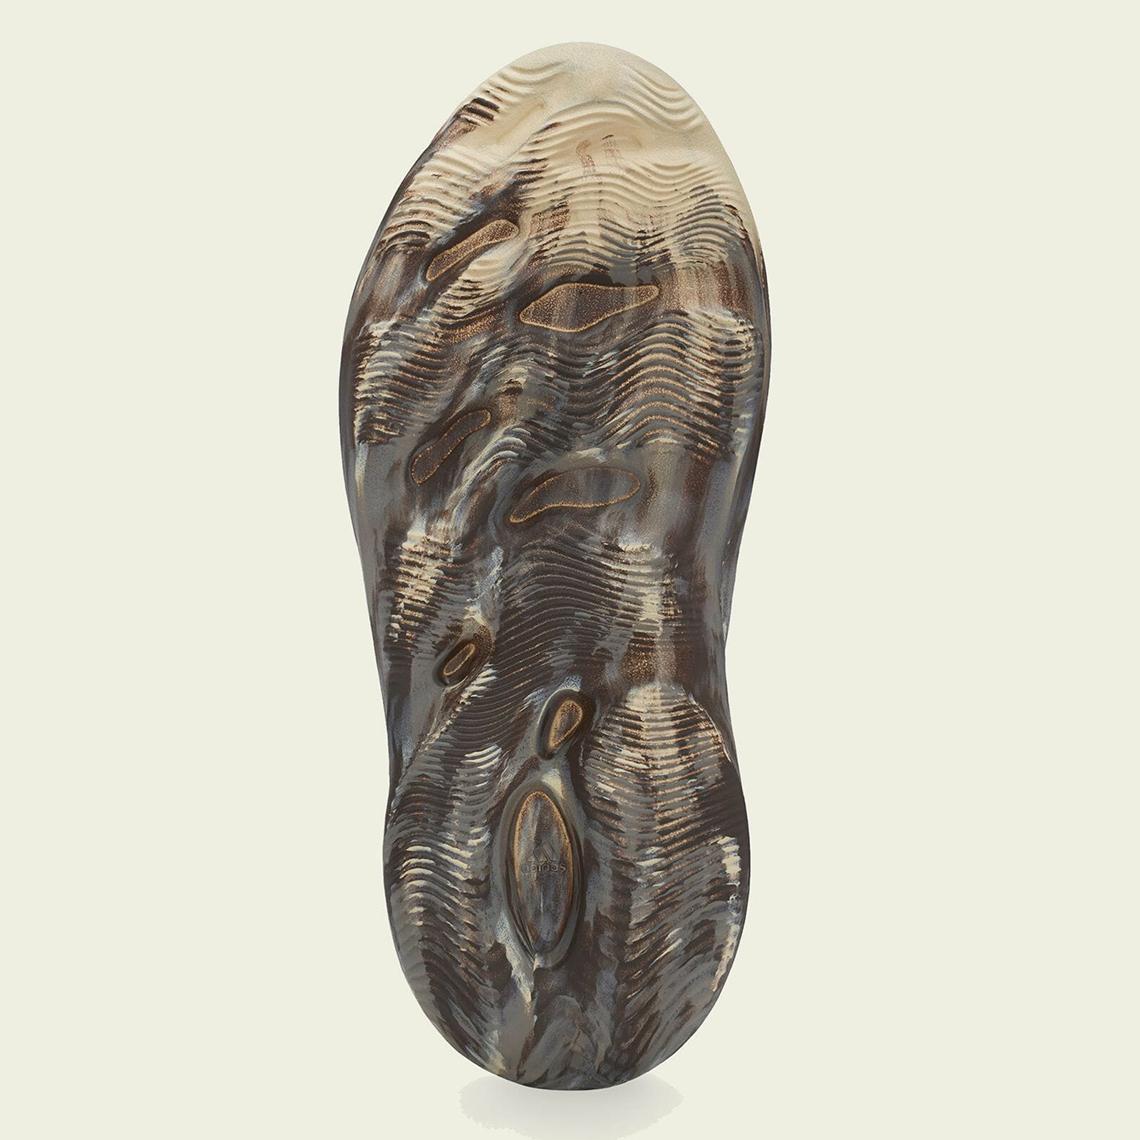 adidas-yeezy-foam-runner-MX-Cream-Clay-GX8774-3